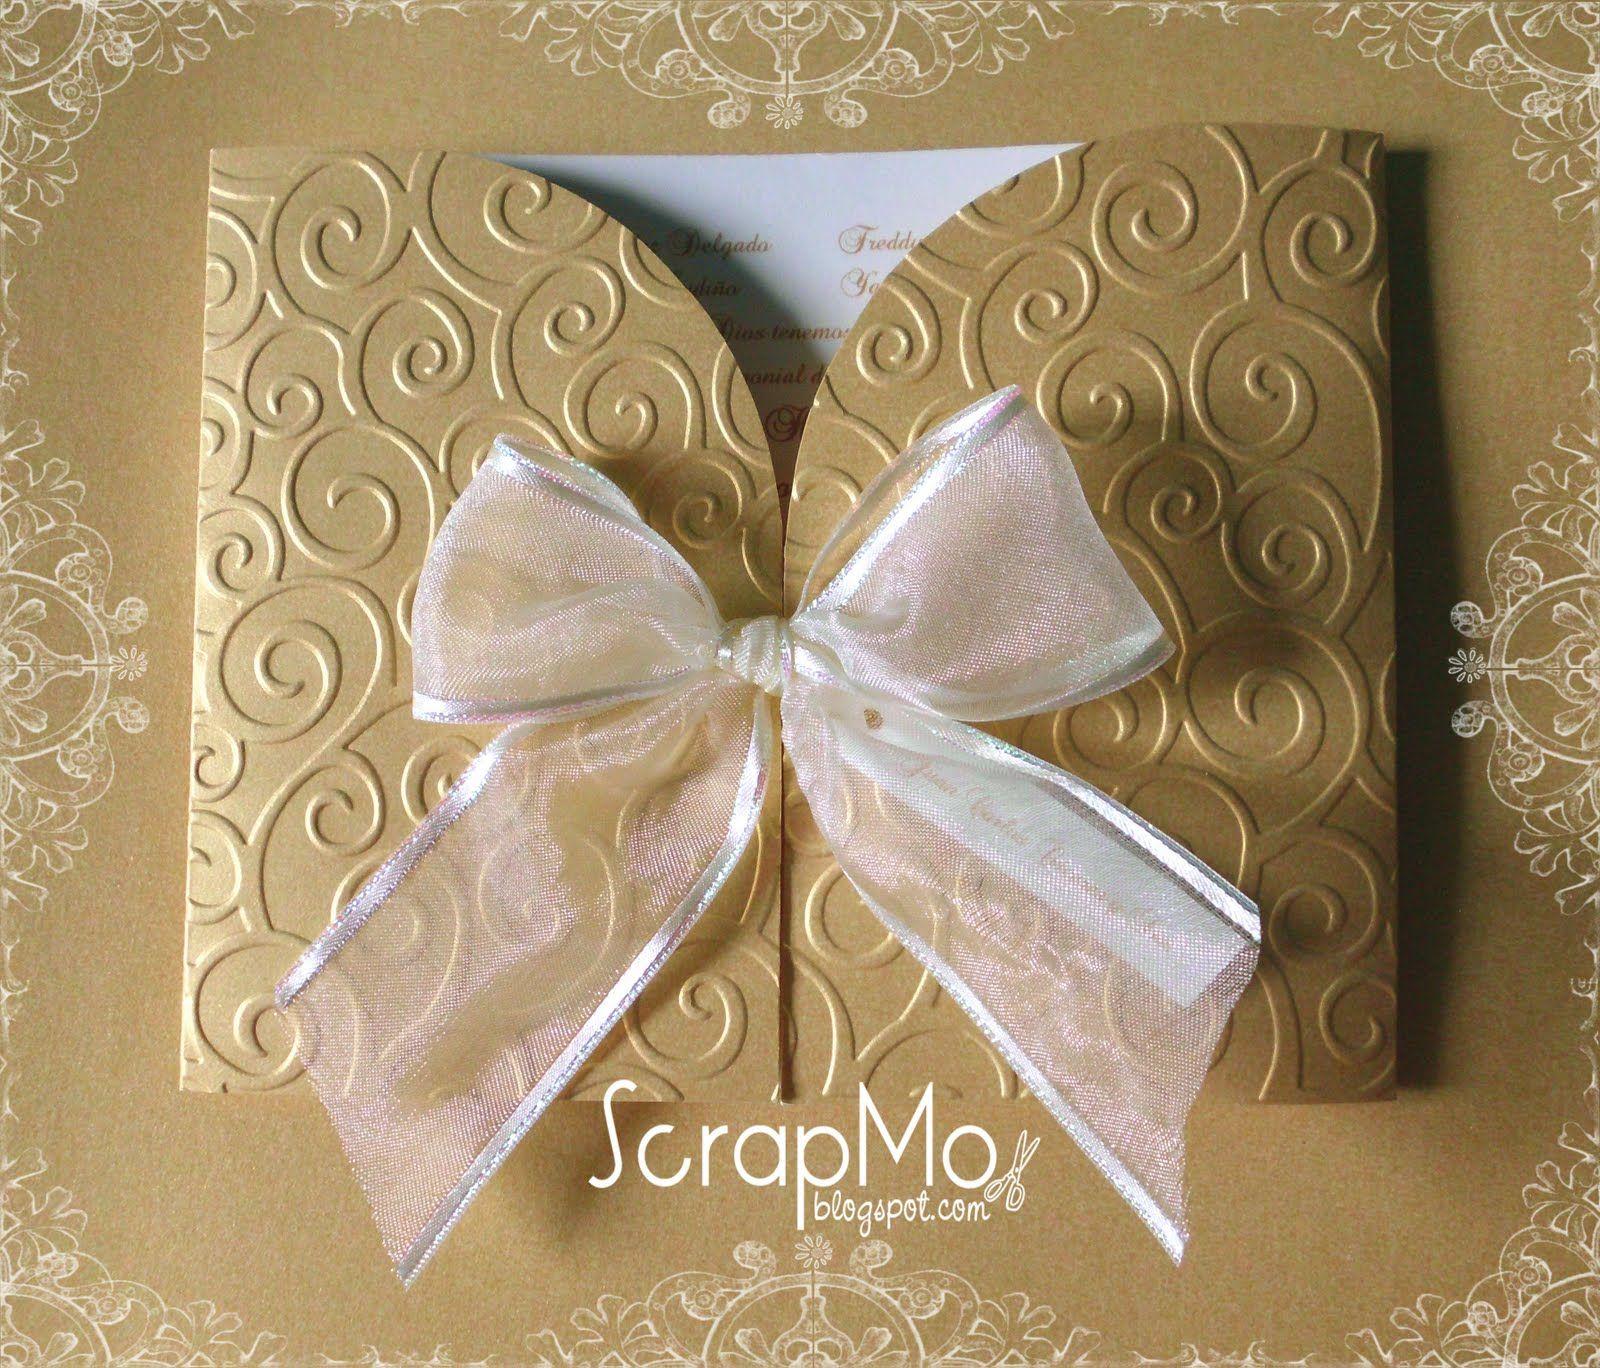 scrapandome con los recuerdos boda dorada de boda y proceso creativo cosas para comprar pinterest proceso creativo recuerdos boda y